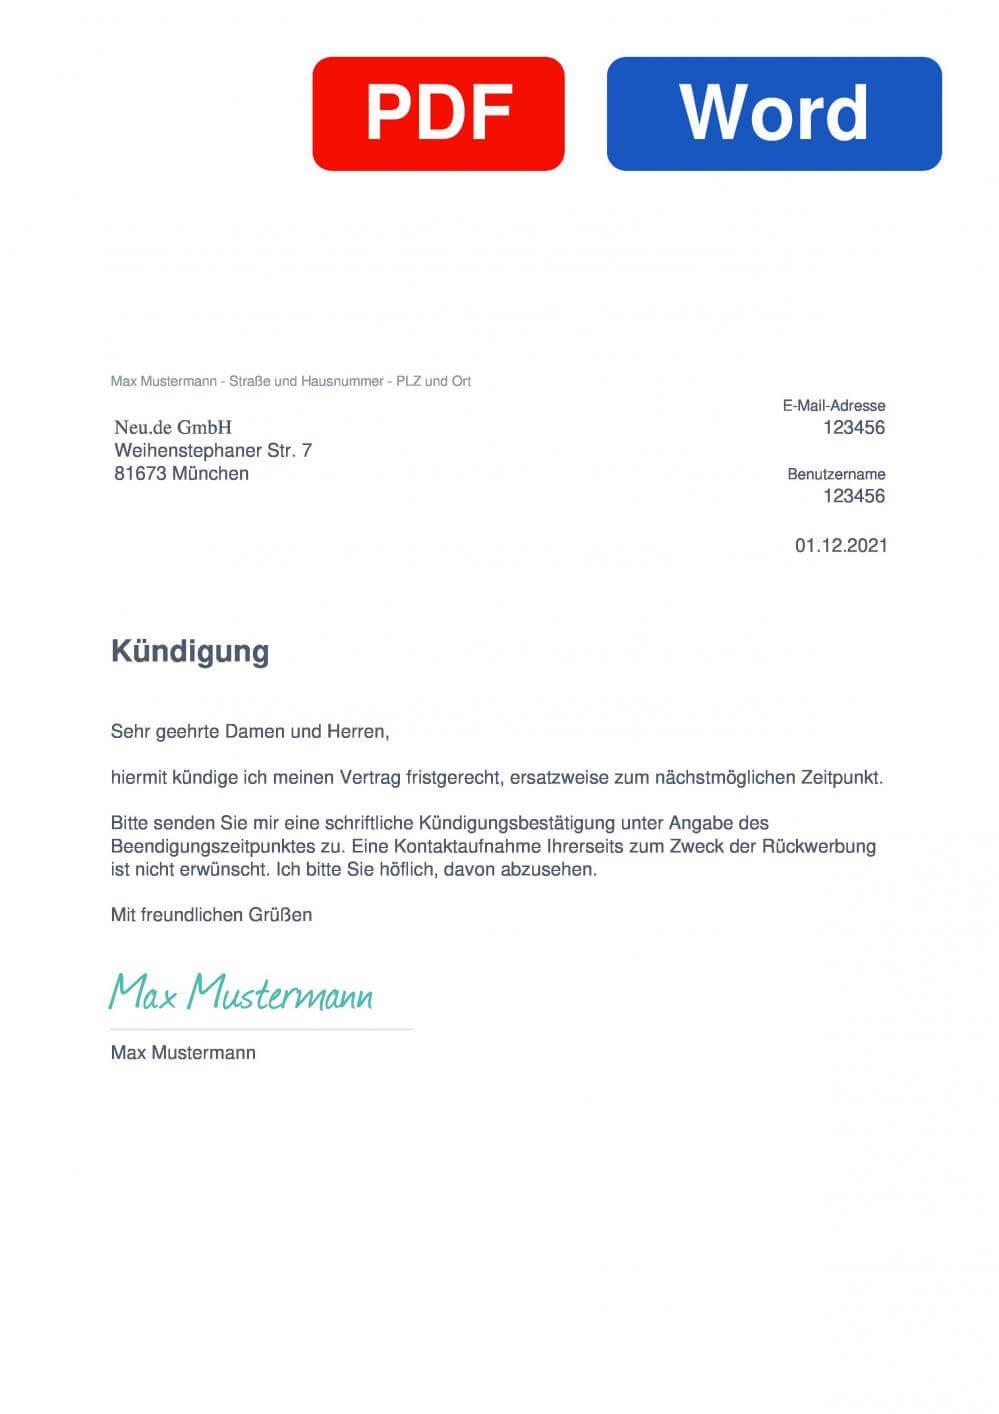 partnersuche.de Muster Vorlage für Kündigungsschreiben